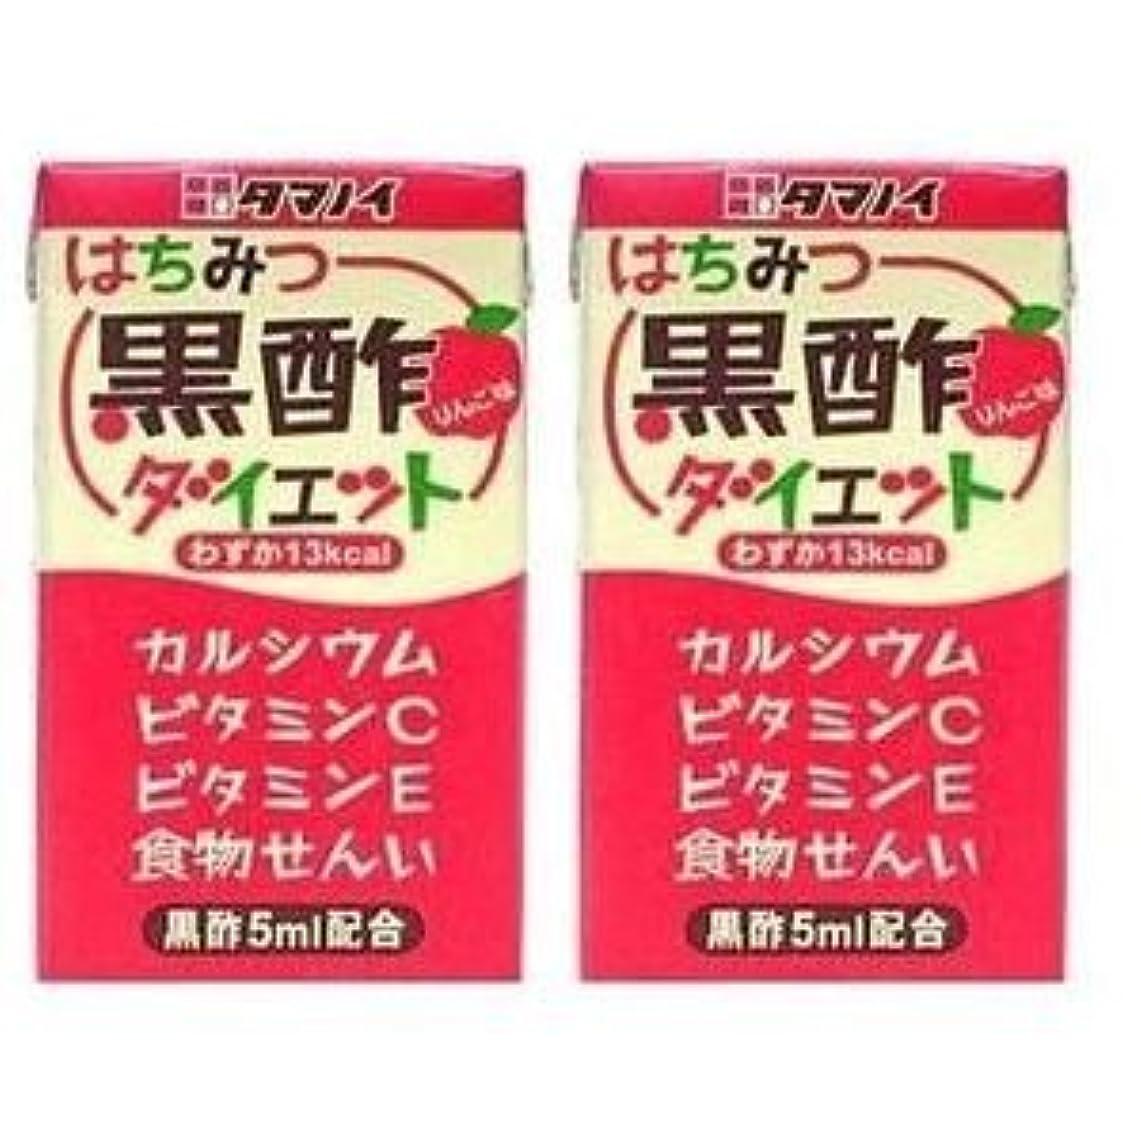 フィールドアナウンサーワットはちみつ黒酢ダイエットLL125ML0 タマノ井酢(株)